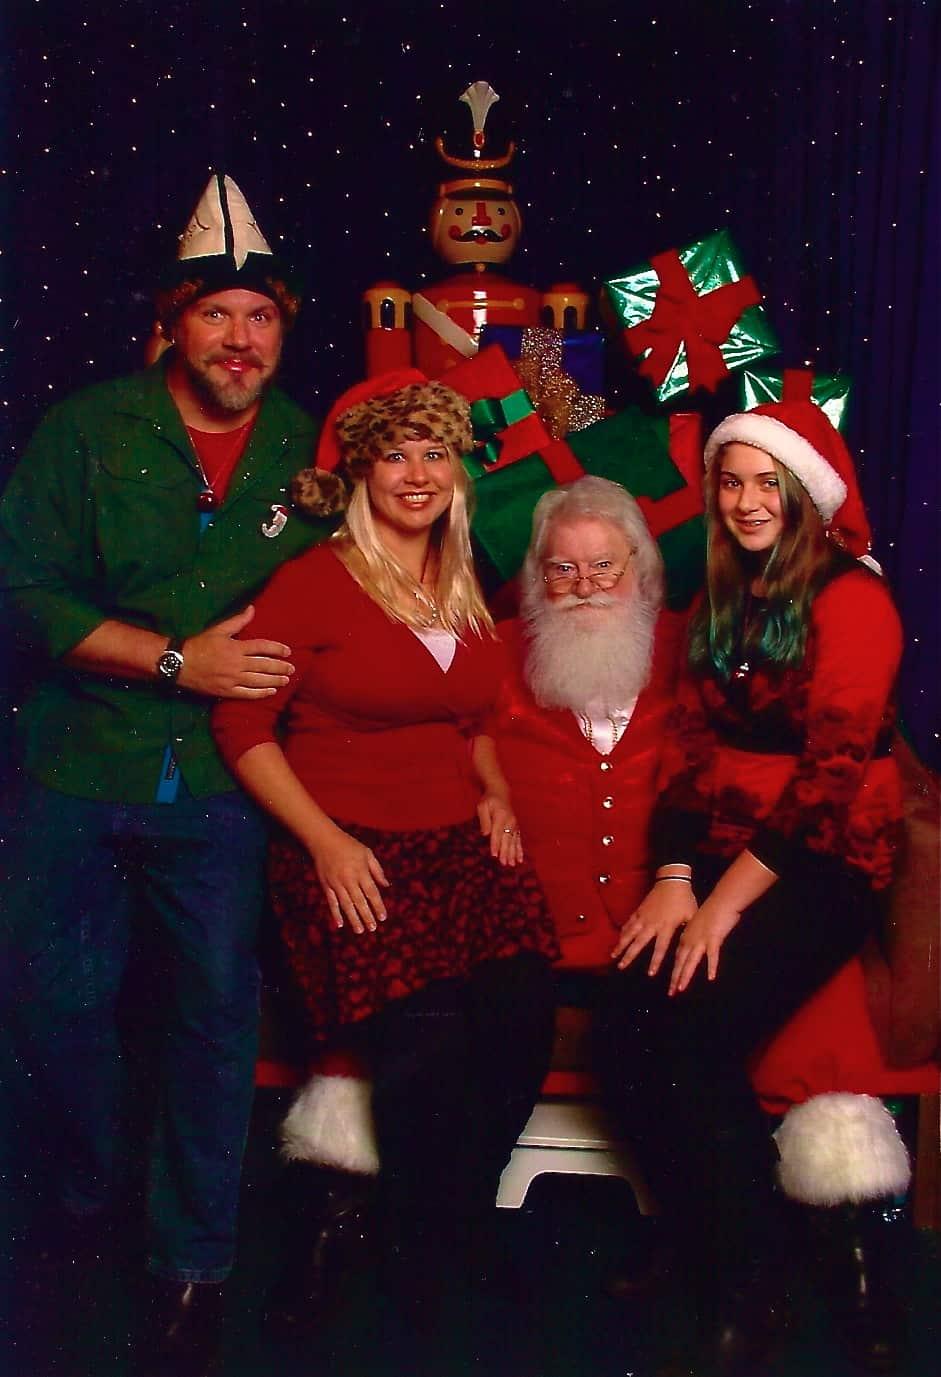 Love Family Photo, Xmas 2013